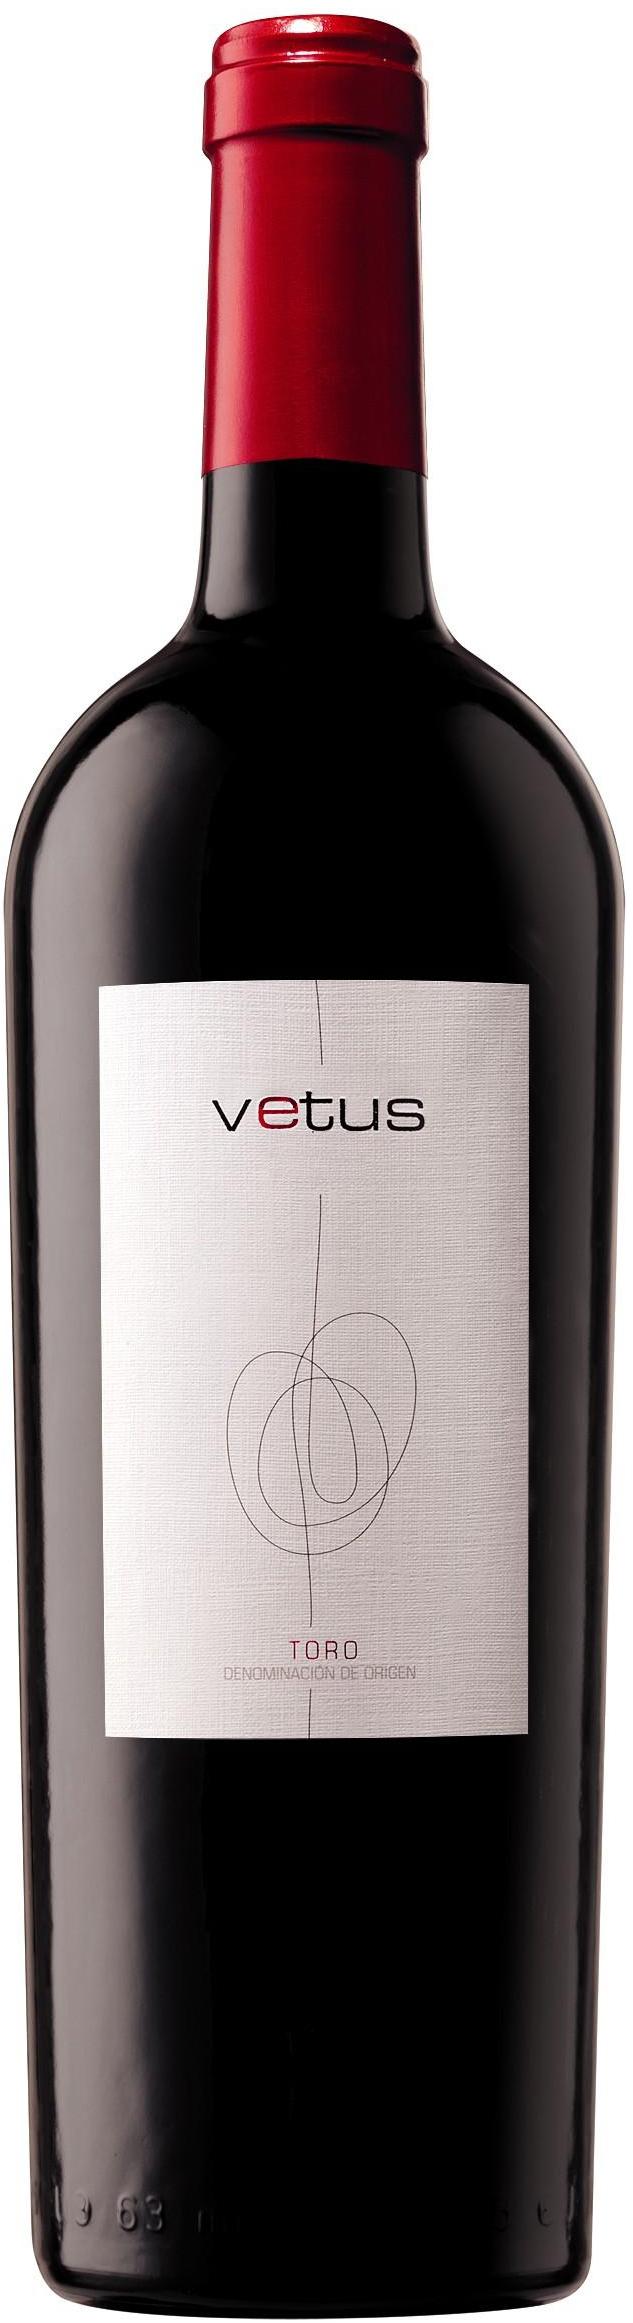 Vetus, Toro 2014